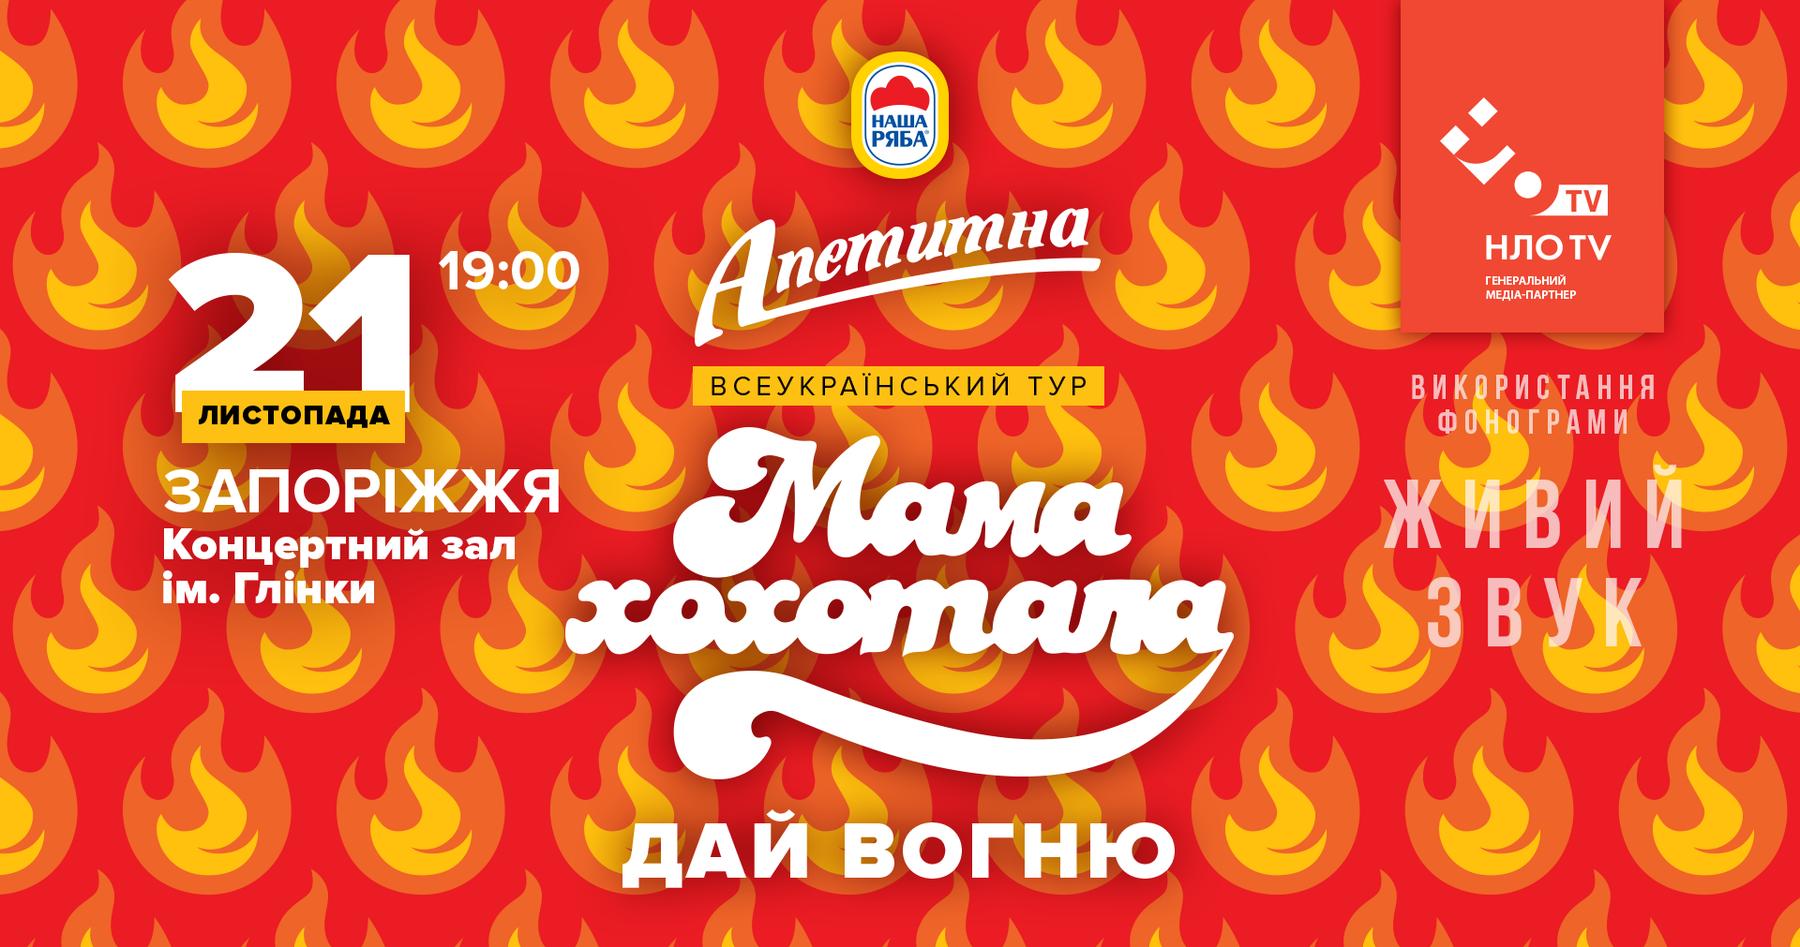 Студия «Мамахохотала» в Запорожье представит свое новое шоу, – ФОТО